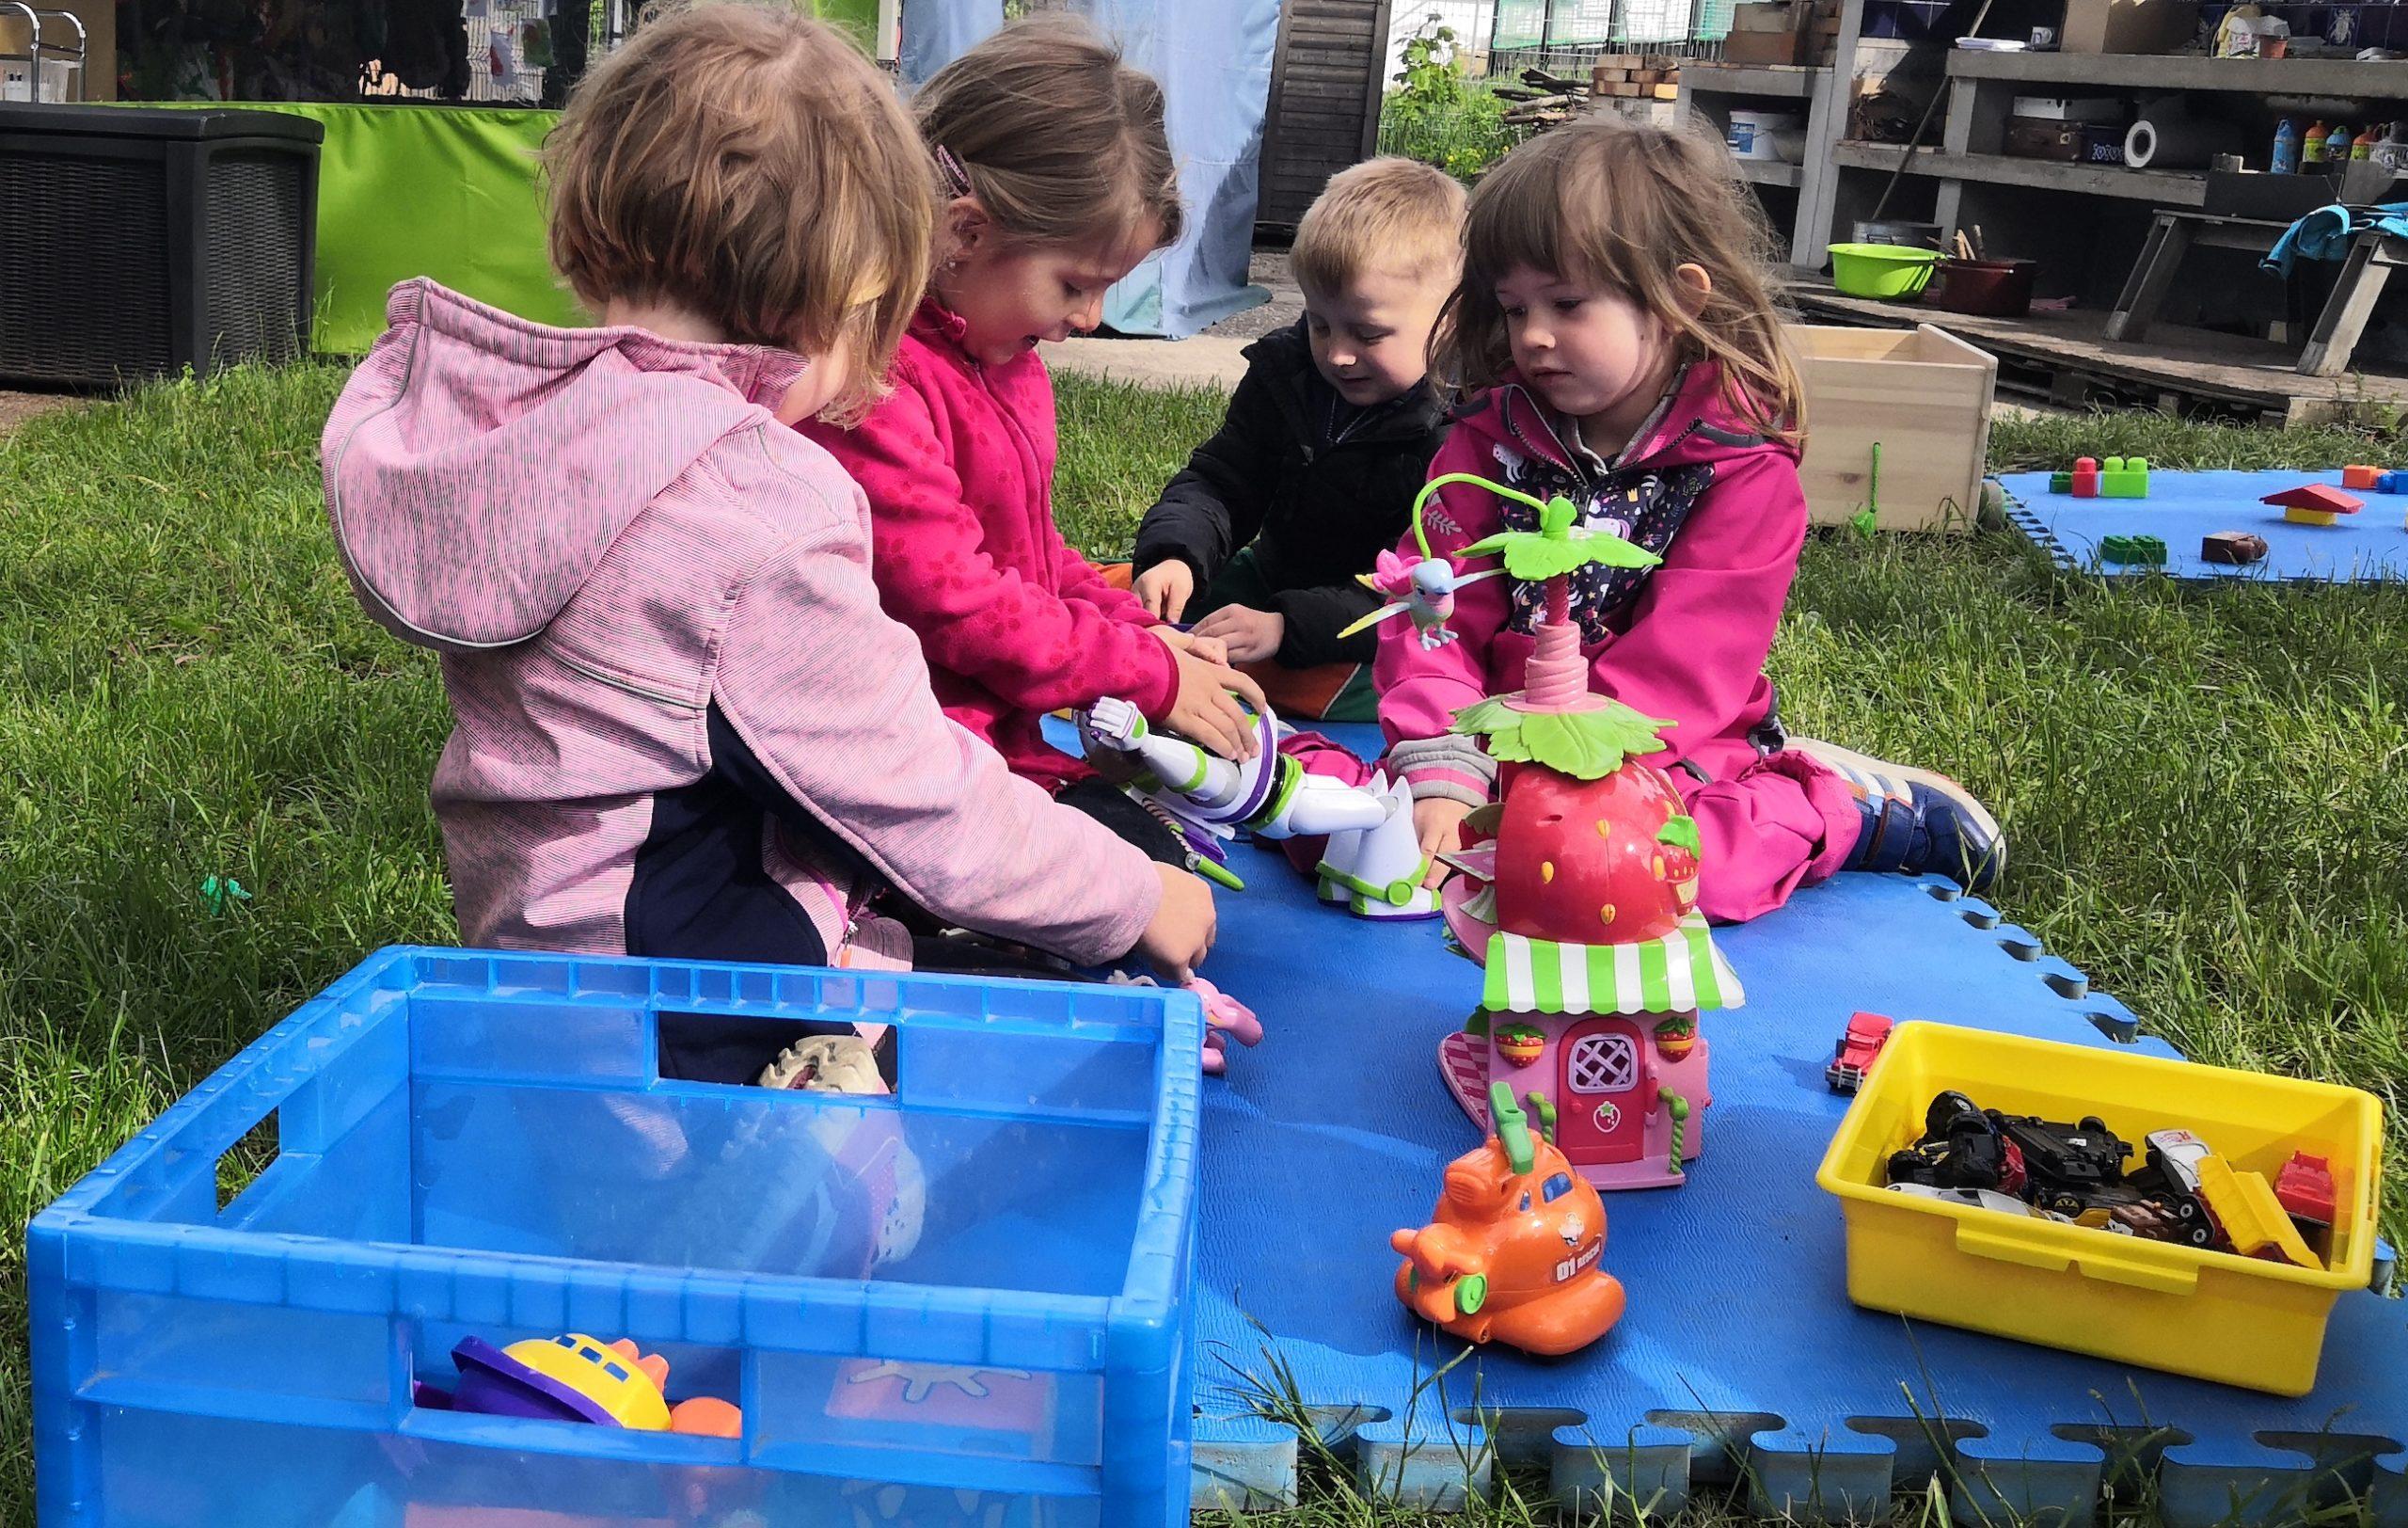 Centra předškolních dětí nabízejí řízenou činnost i volnou hru.